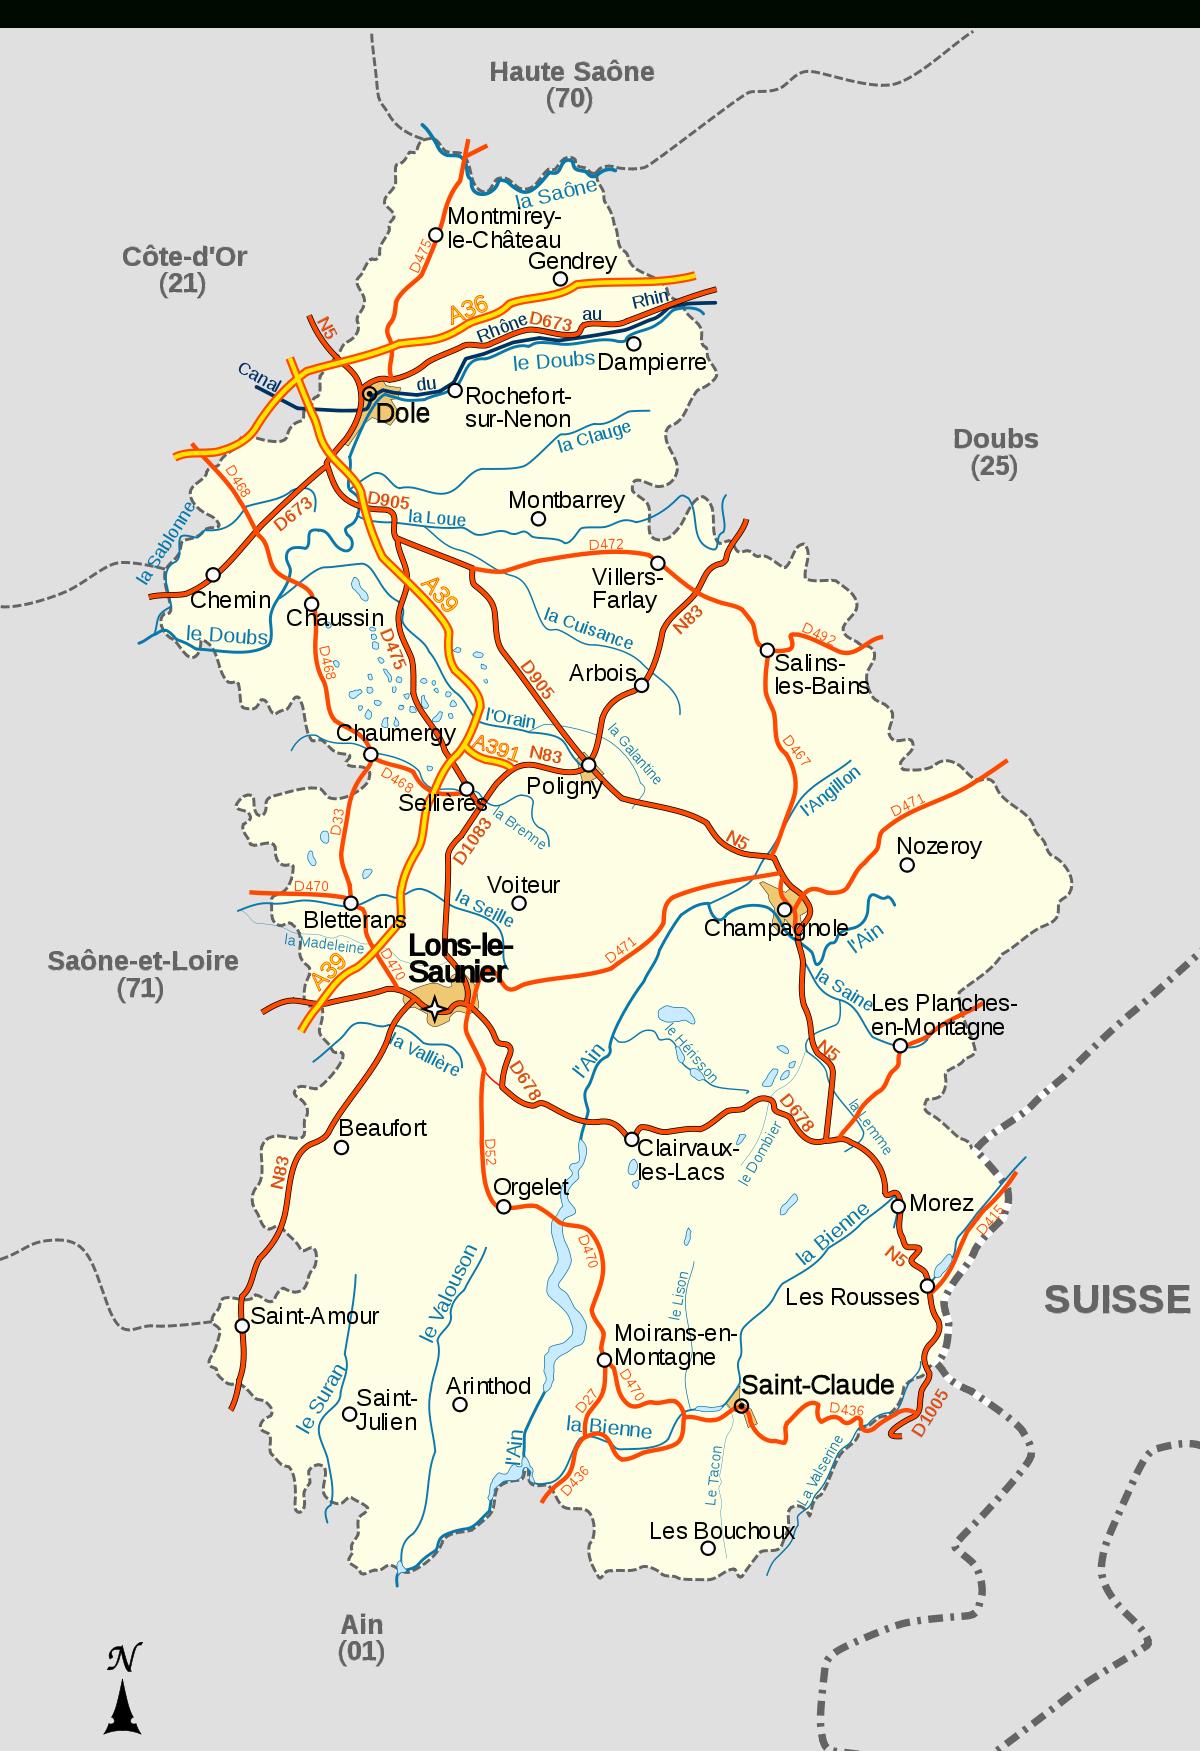 Géographie Du Département Du Jura — Wikipédia dedans Carte Des Régions À Compléter